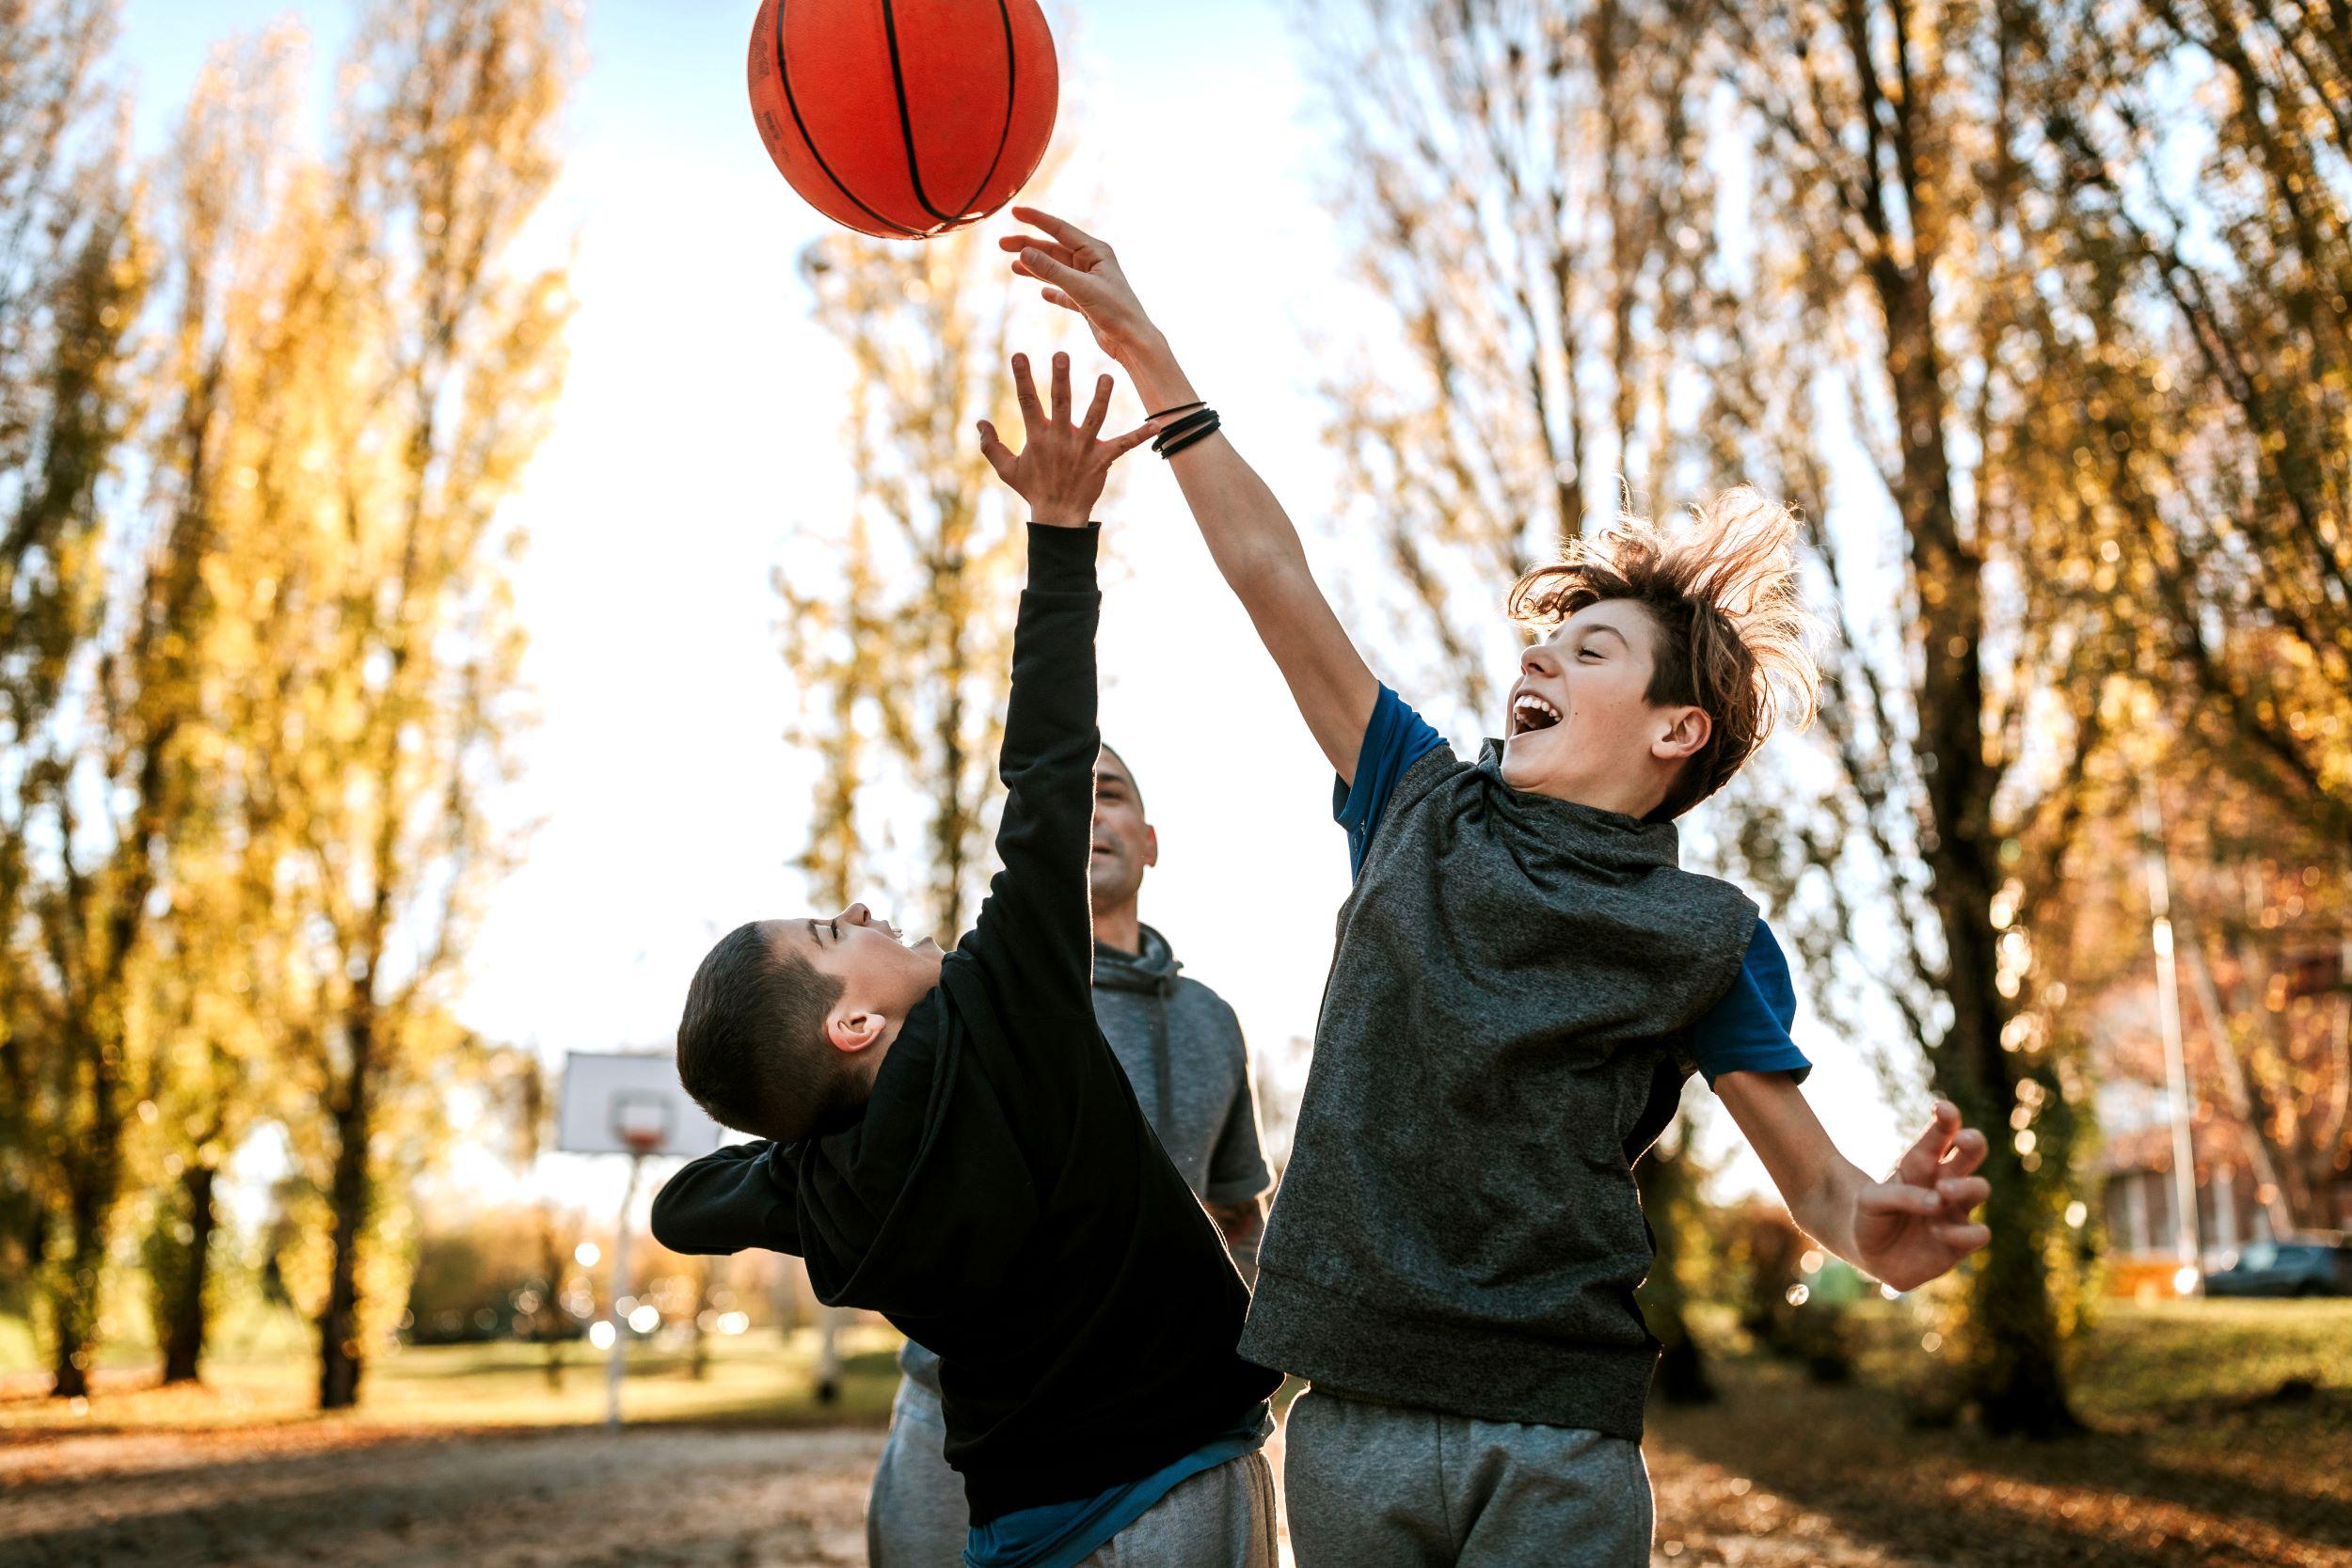 Deux garçons sautent pour attraper un ballon de basket